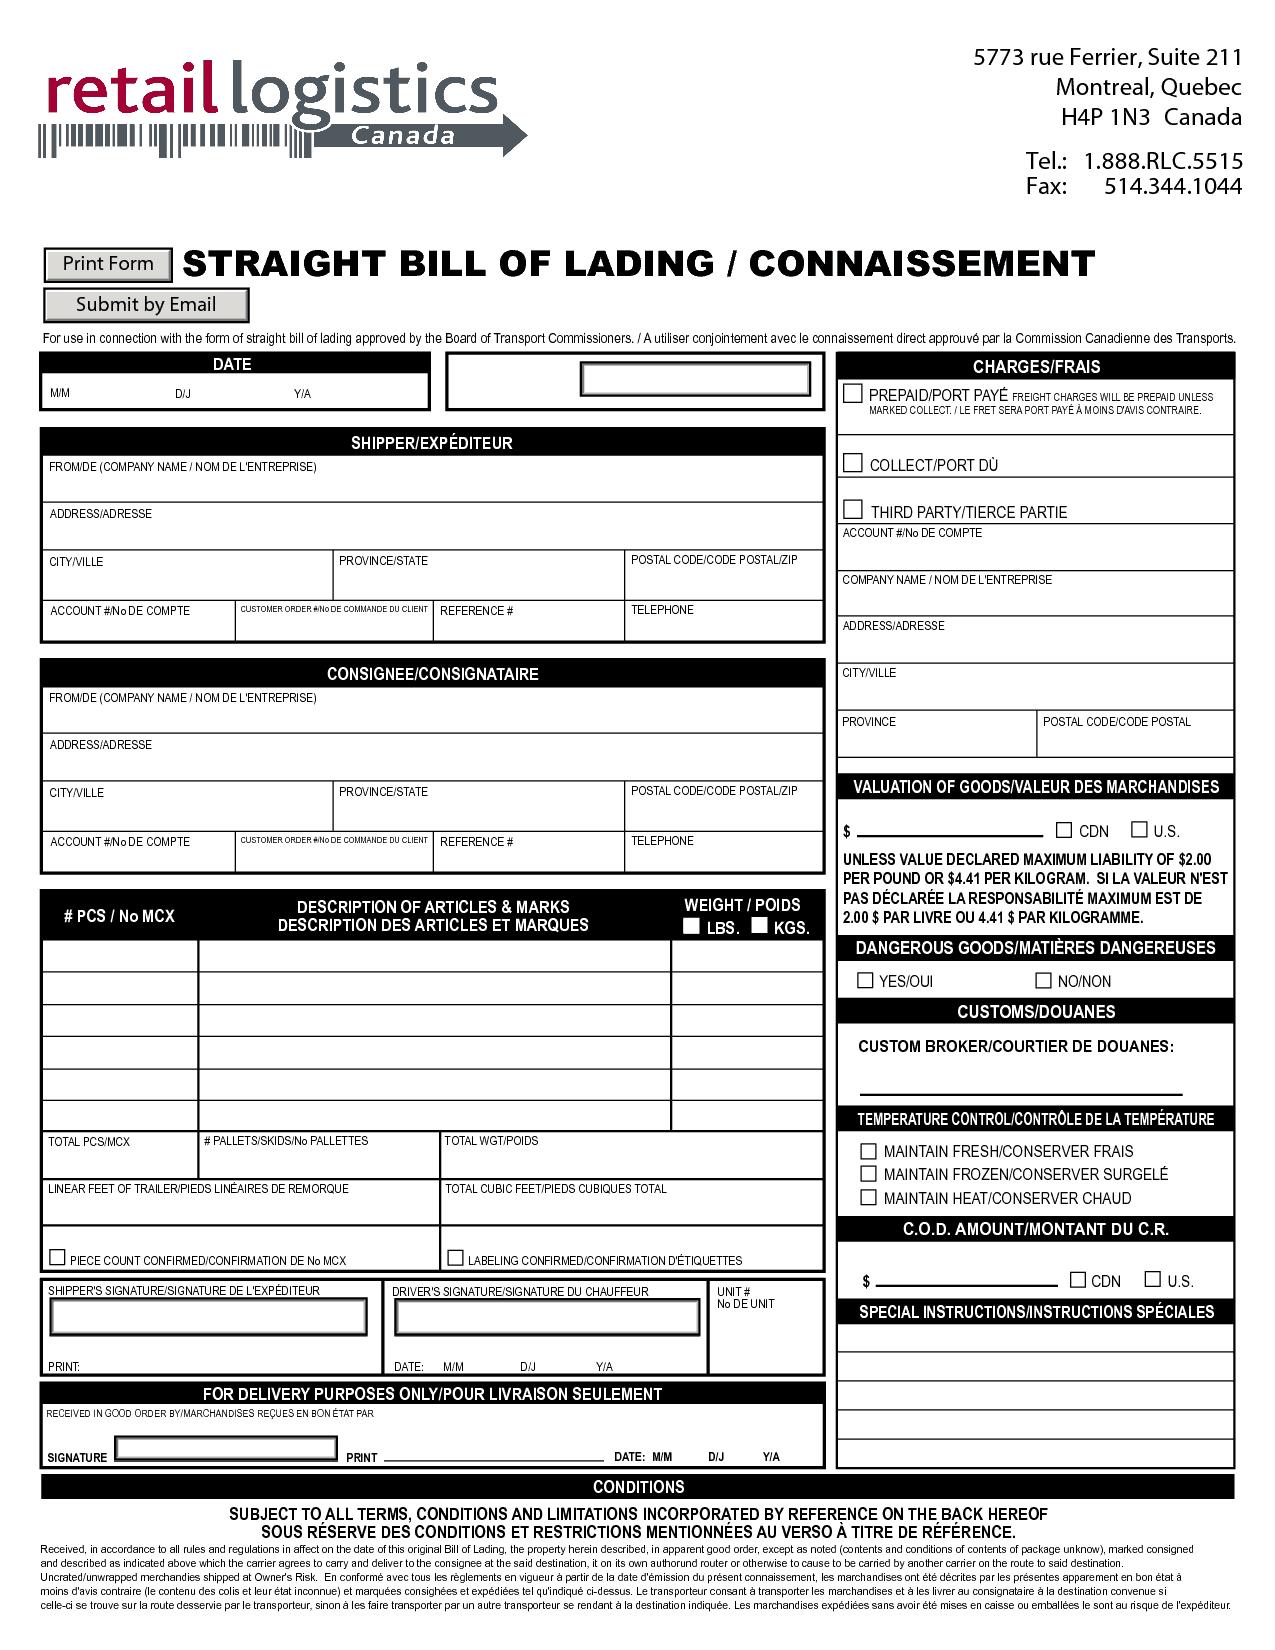 bill of lading sample 16.94